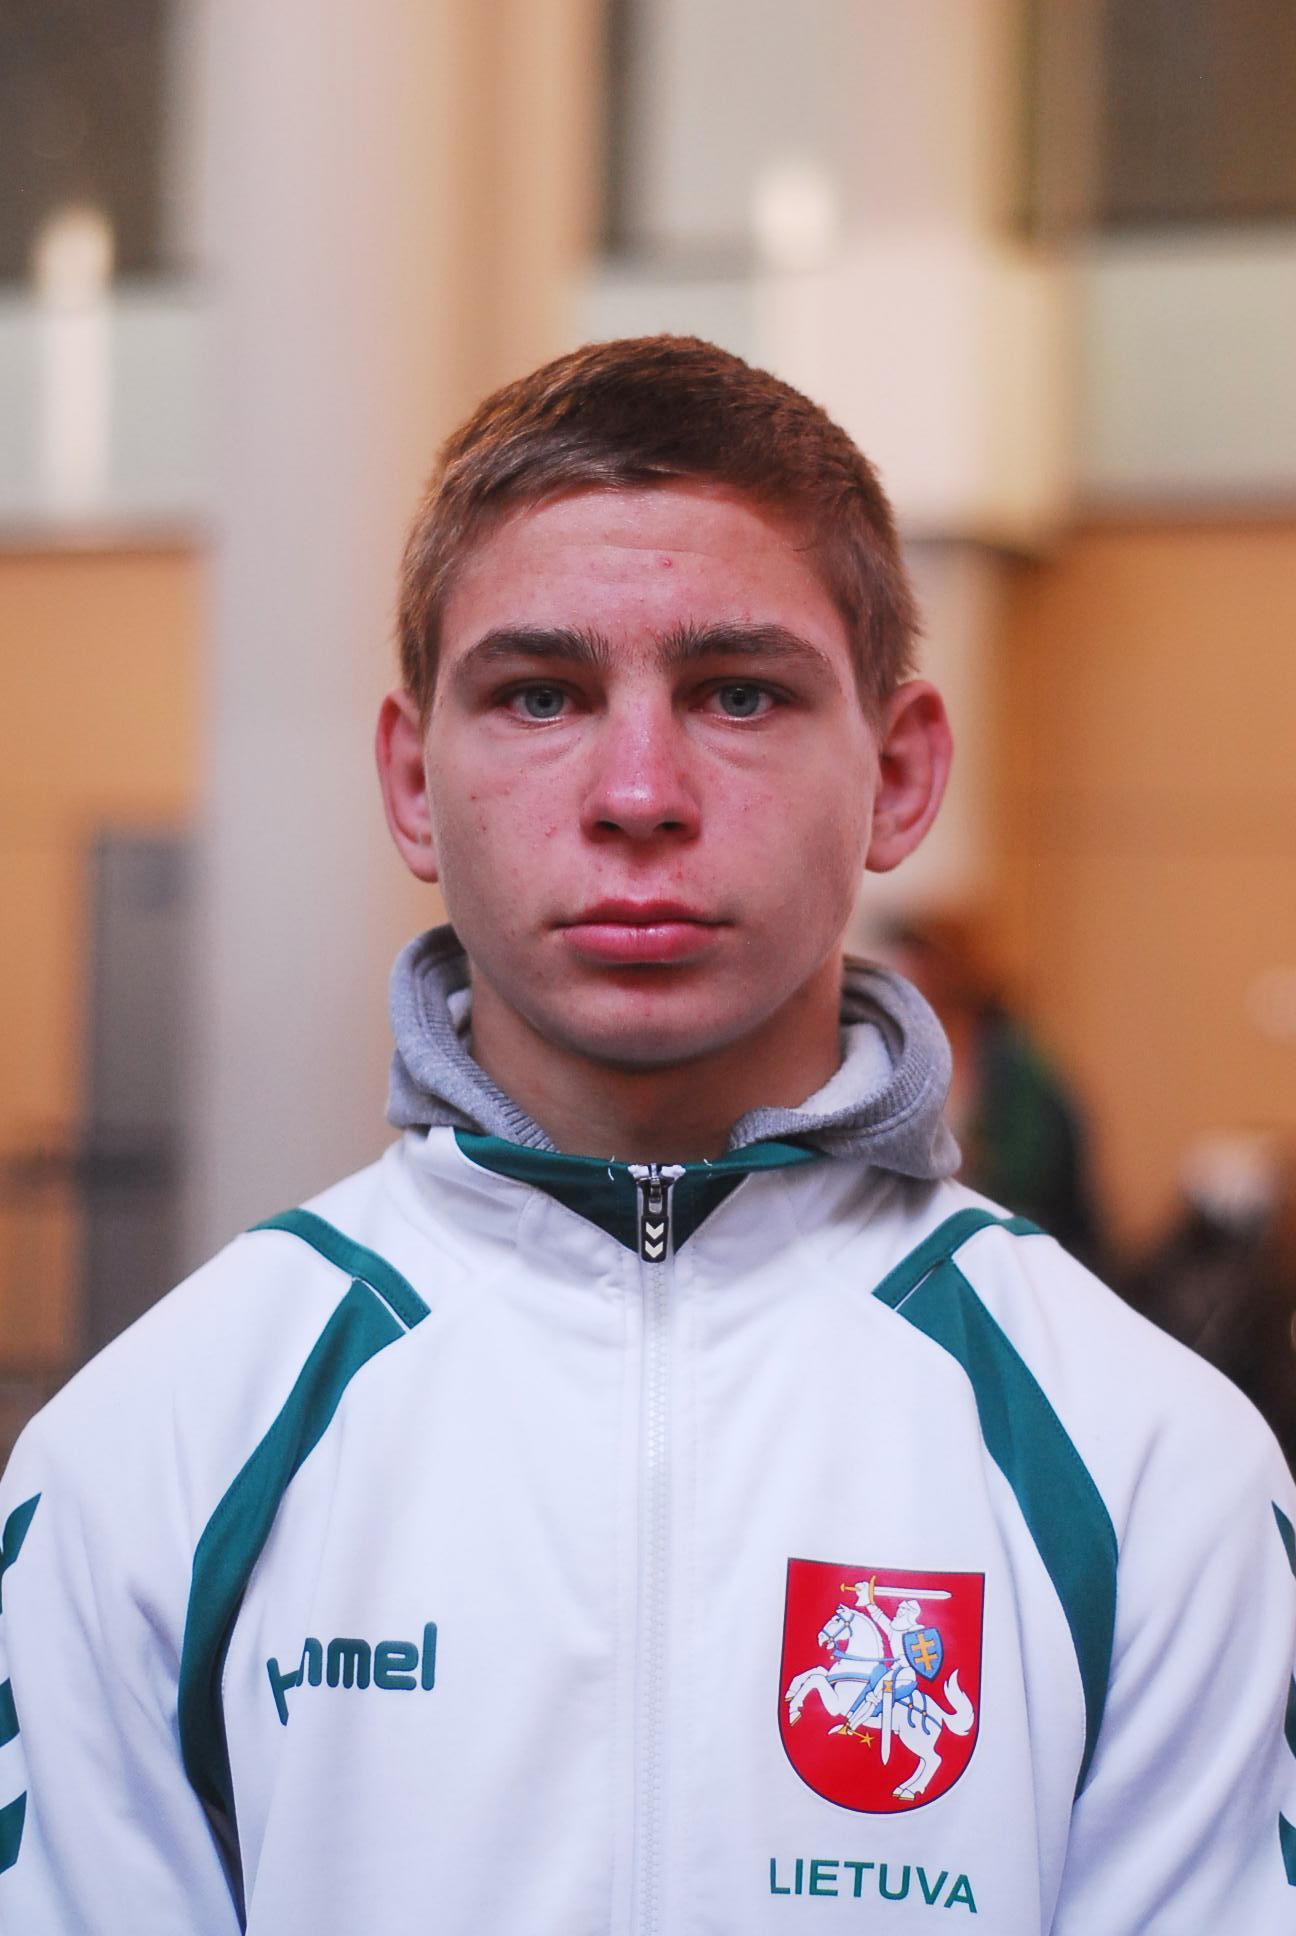 Imtynininkas D.Parehelašvilis įspūdingai įveikė rumuną, bet nusileido gruzinui ir į paguodos turnyrą nepateko